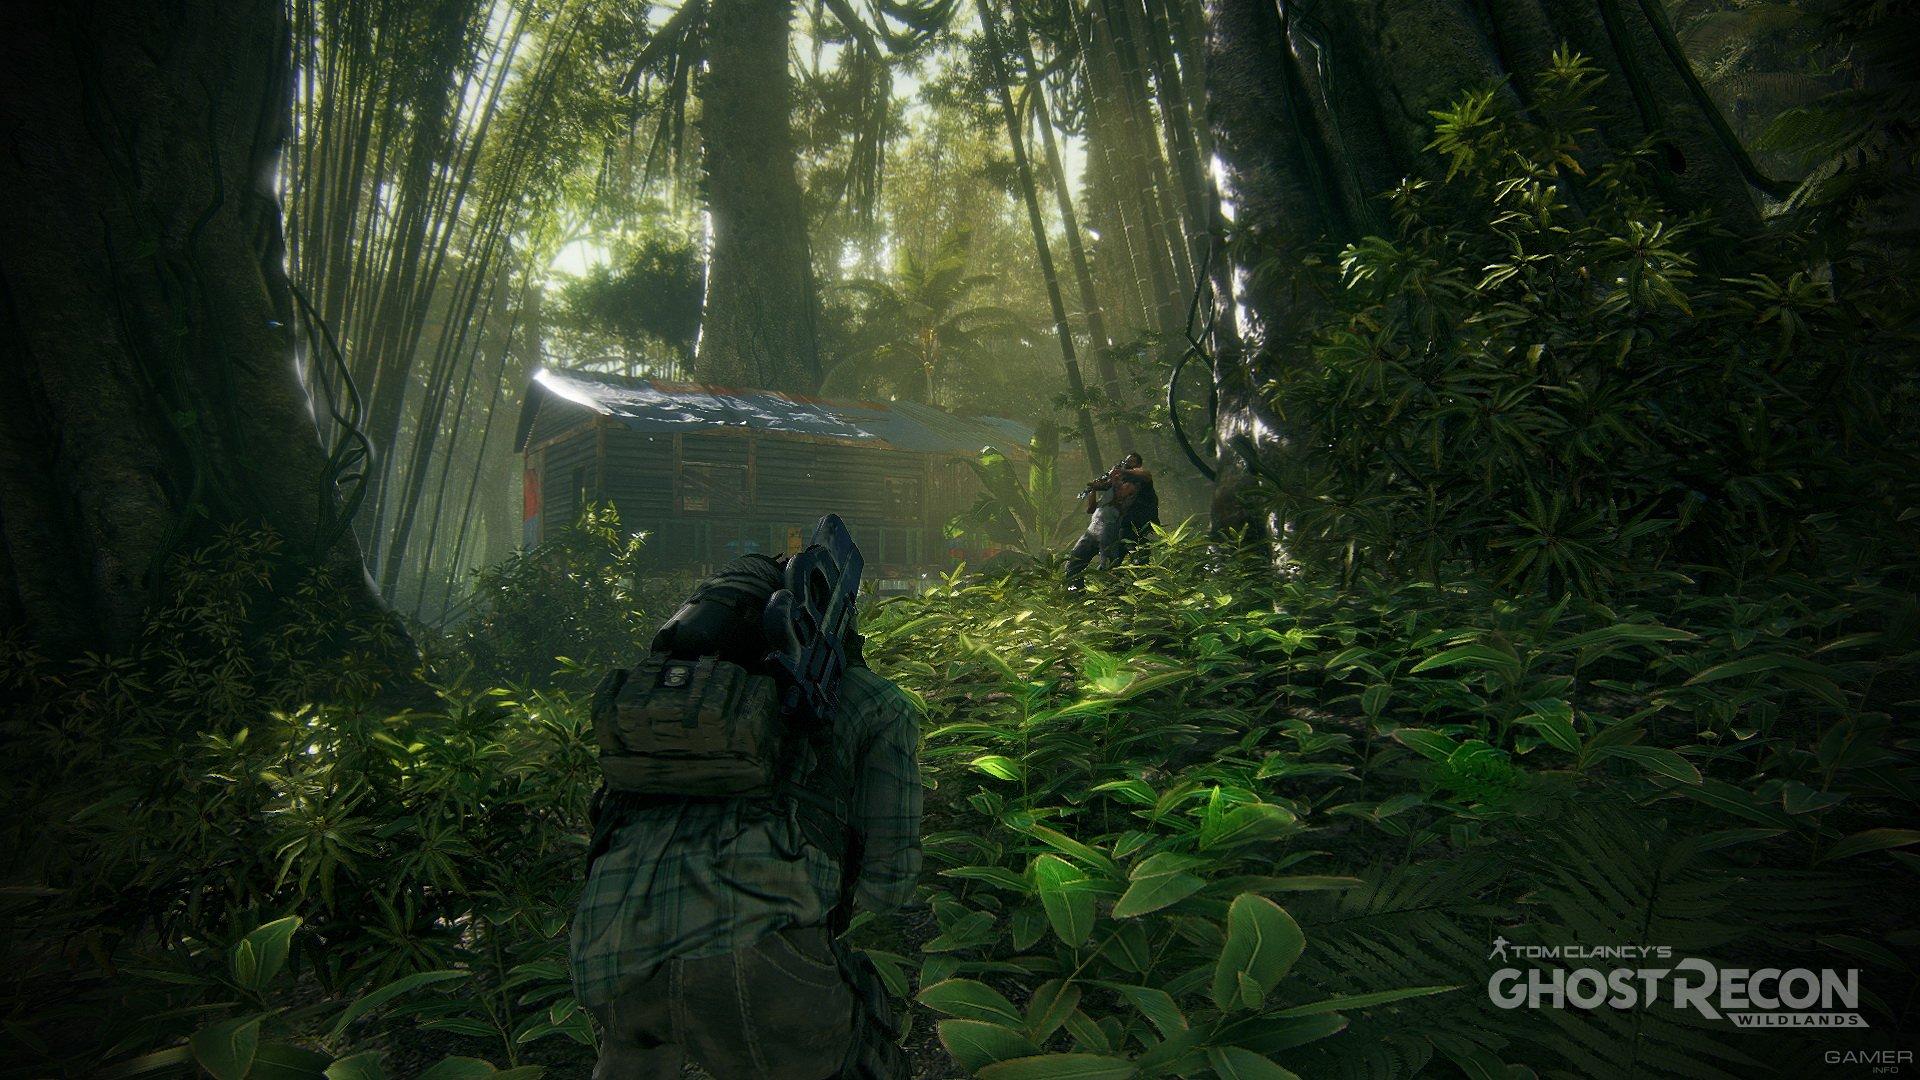 Анонсировано дополнение Fallen Ghosts для Tom Clancy's Ghost Recon Wildlands